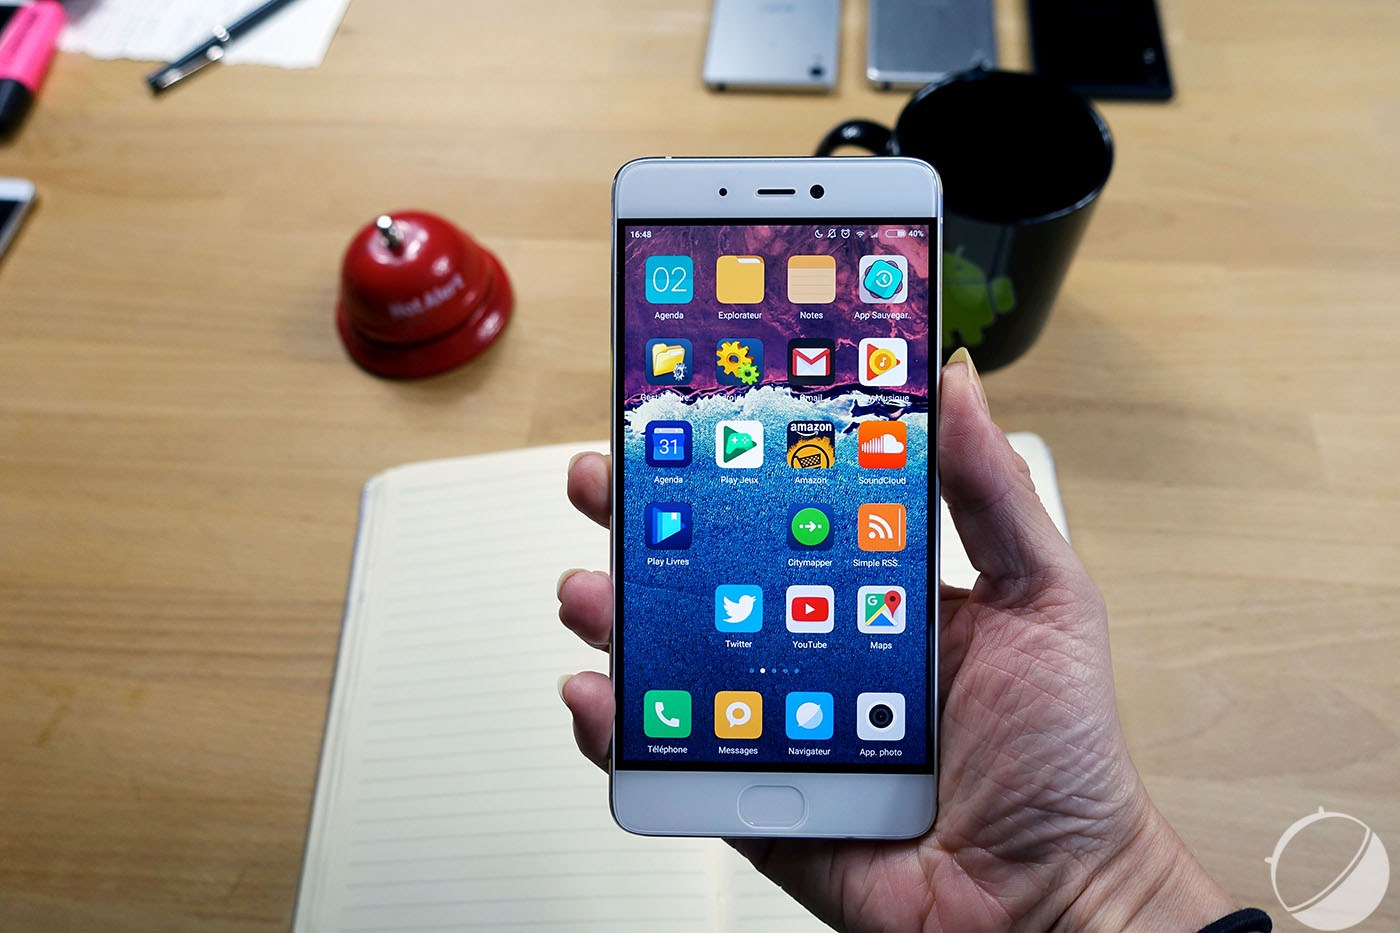 Tout ce que l'on sait sur le Xiaomi Mi 6 et Mi 6 Plus : prix, caractéristiques et disponibilité